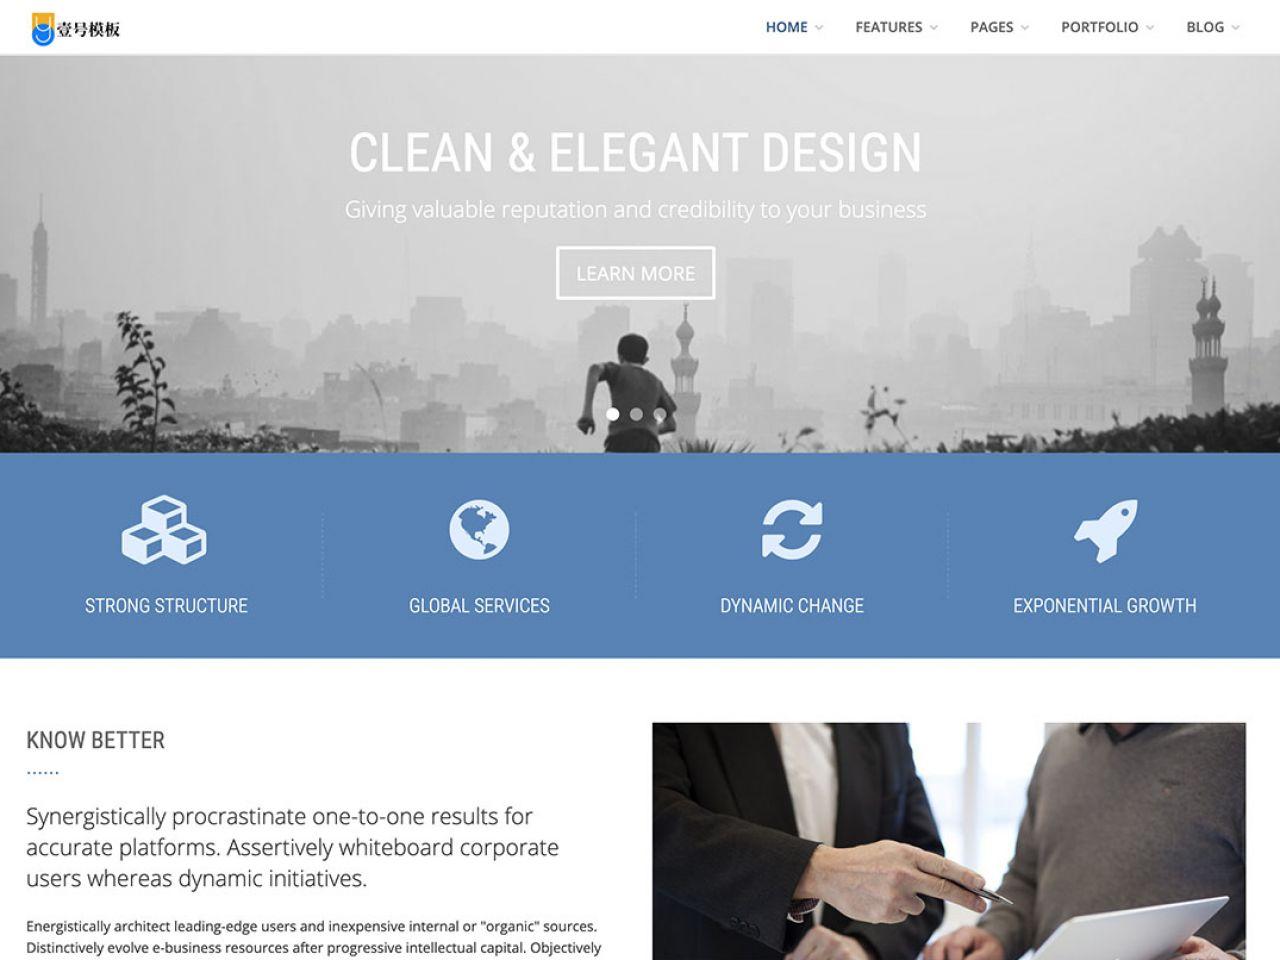 咨询公司浅蓝色大气响应式网站模板